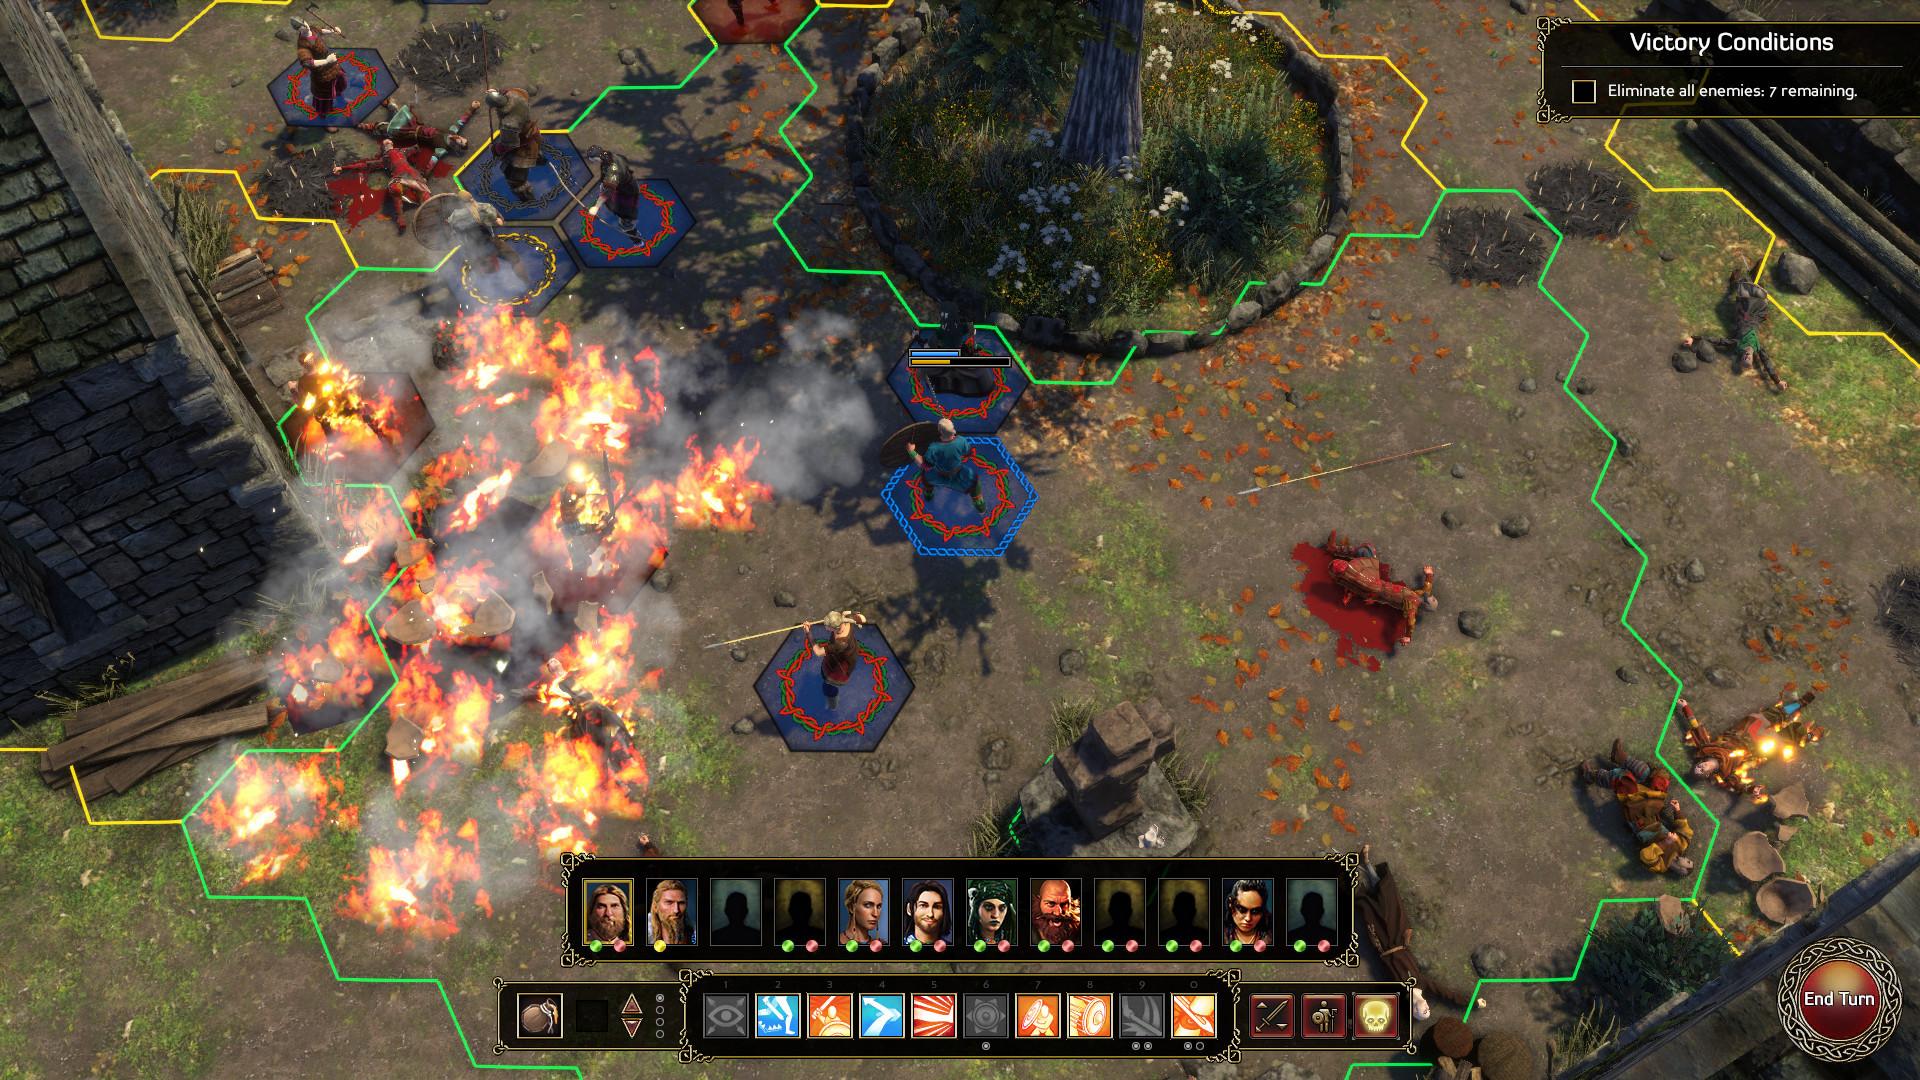 سی دی کی اریجینال استیم بازی Expeditions: Viking